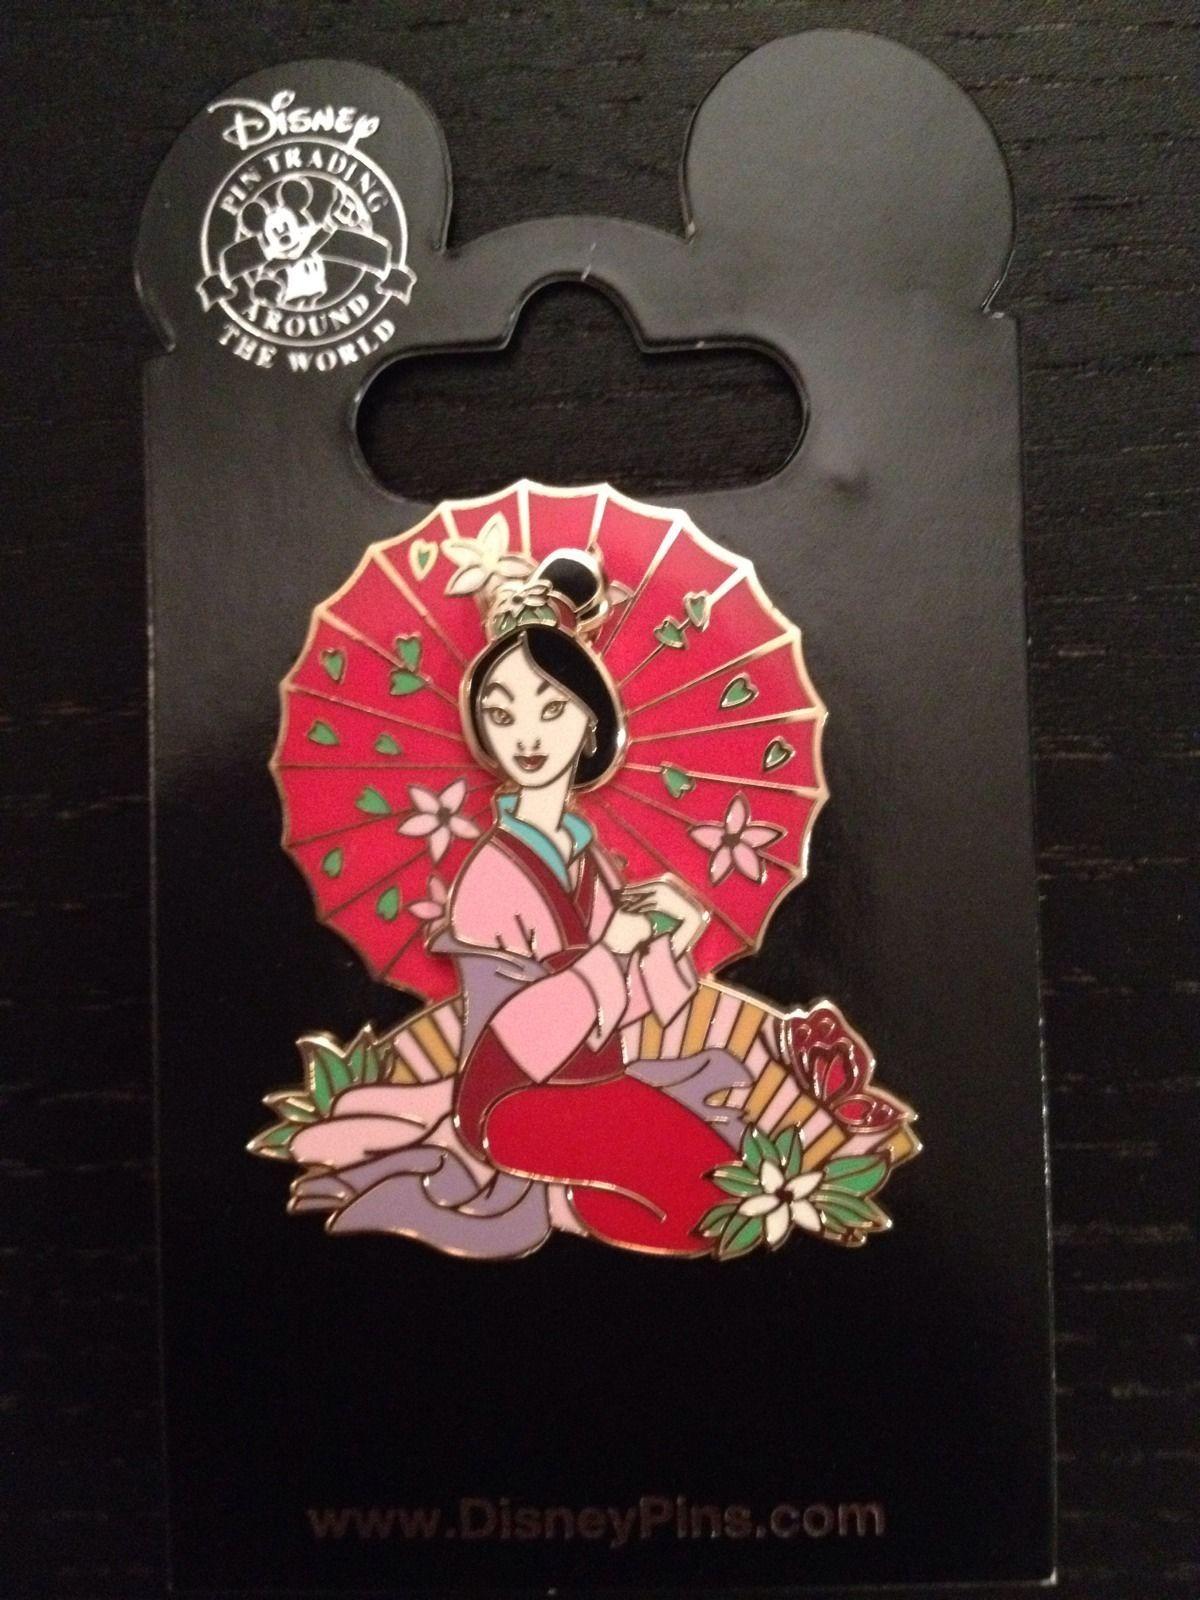 Disney Pin 54211: Mulan with Parasol (Spinner)   Disney ...